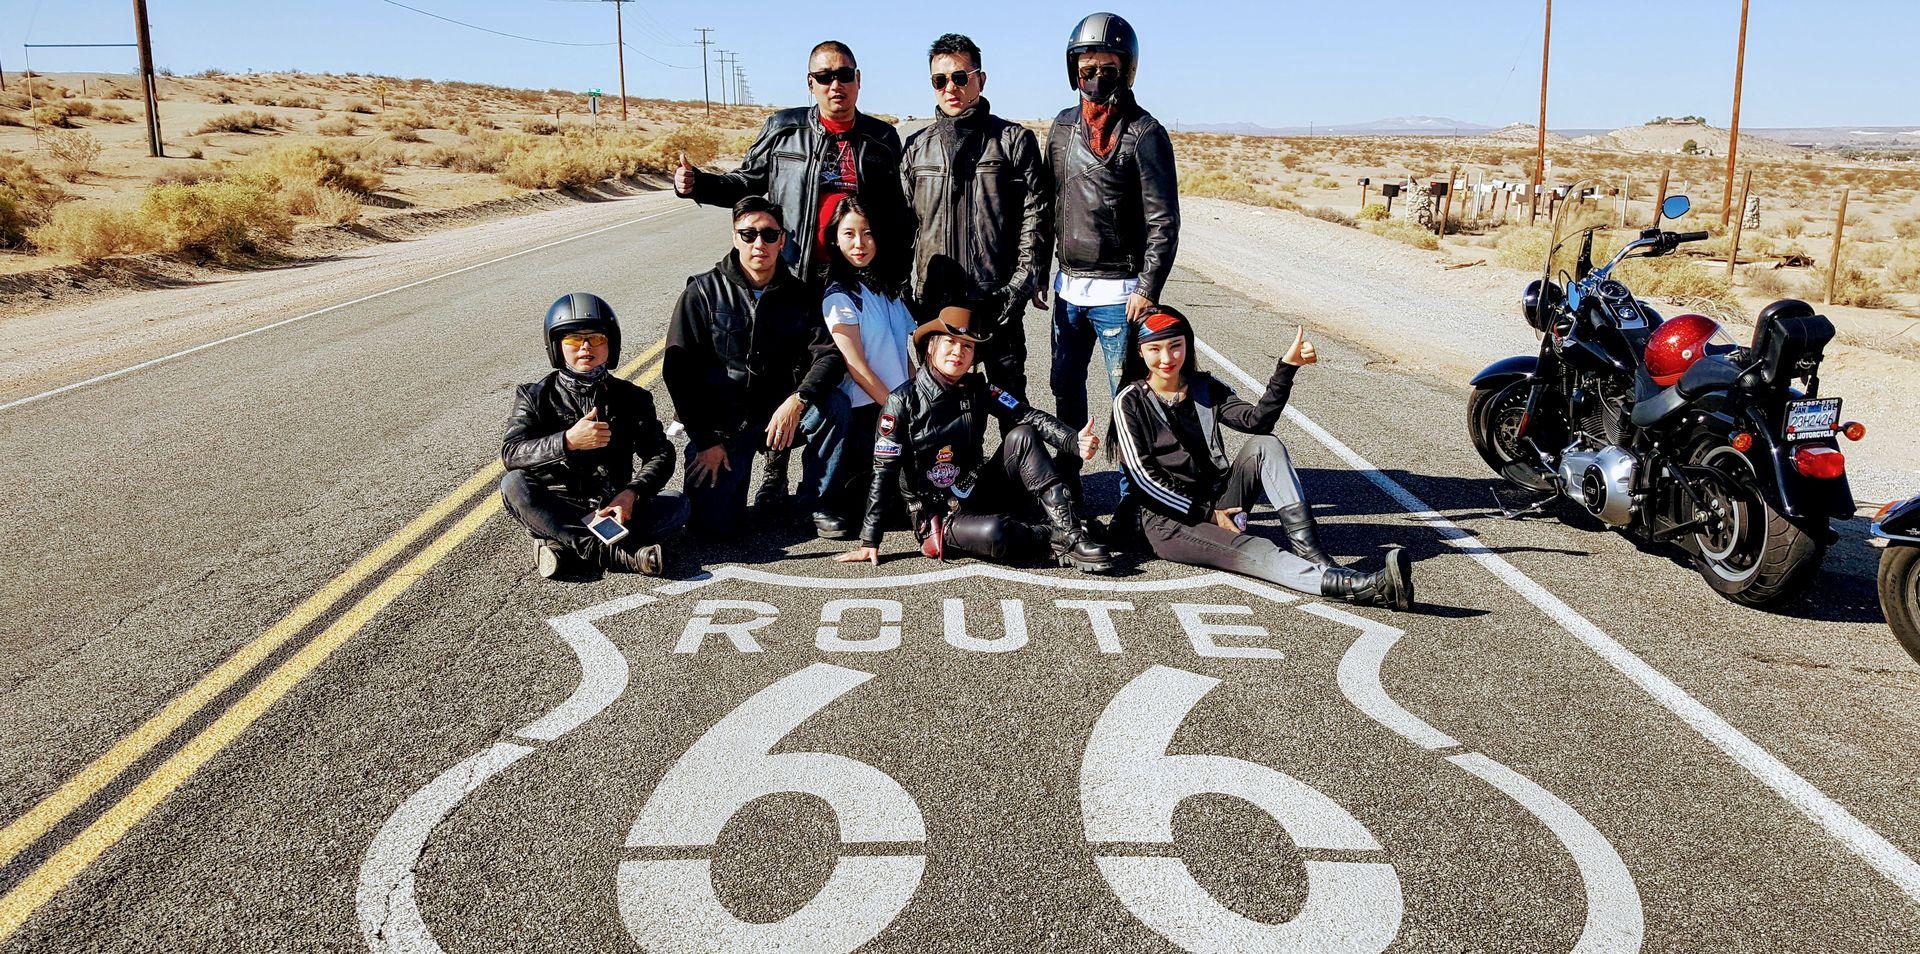 哈雷假期 : 經典66公路- 南加州- 拉斯维加斯- 大峡谷國家公園- 西部重機旅行。